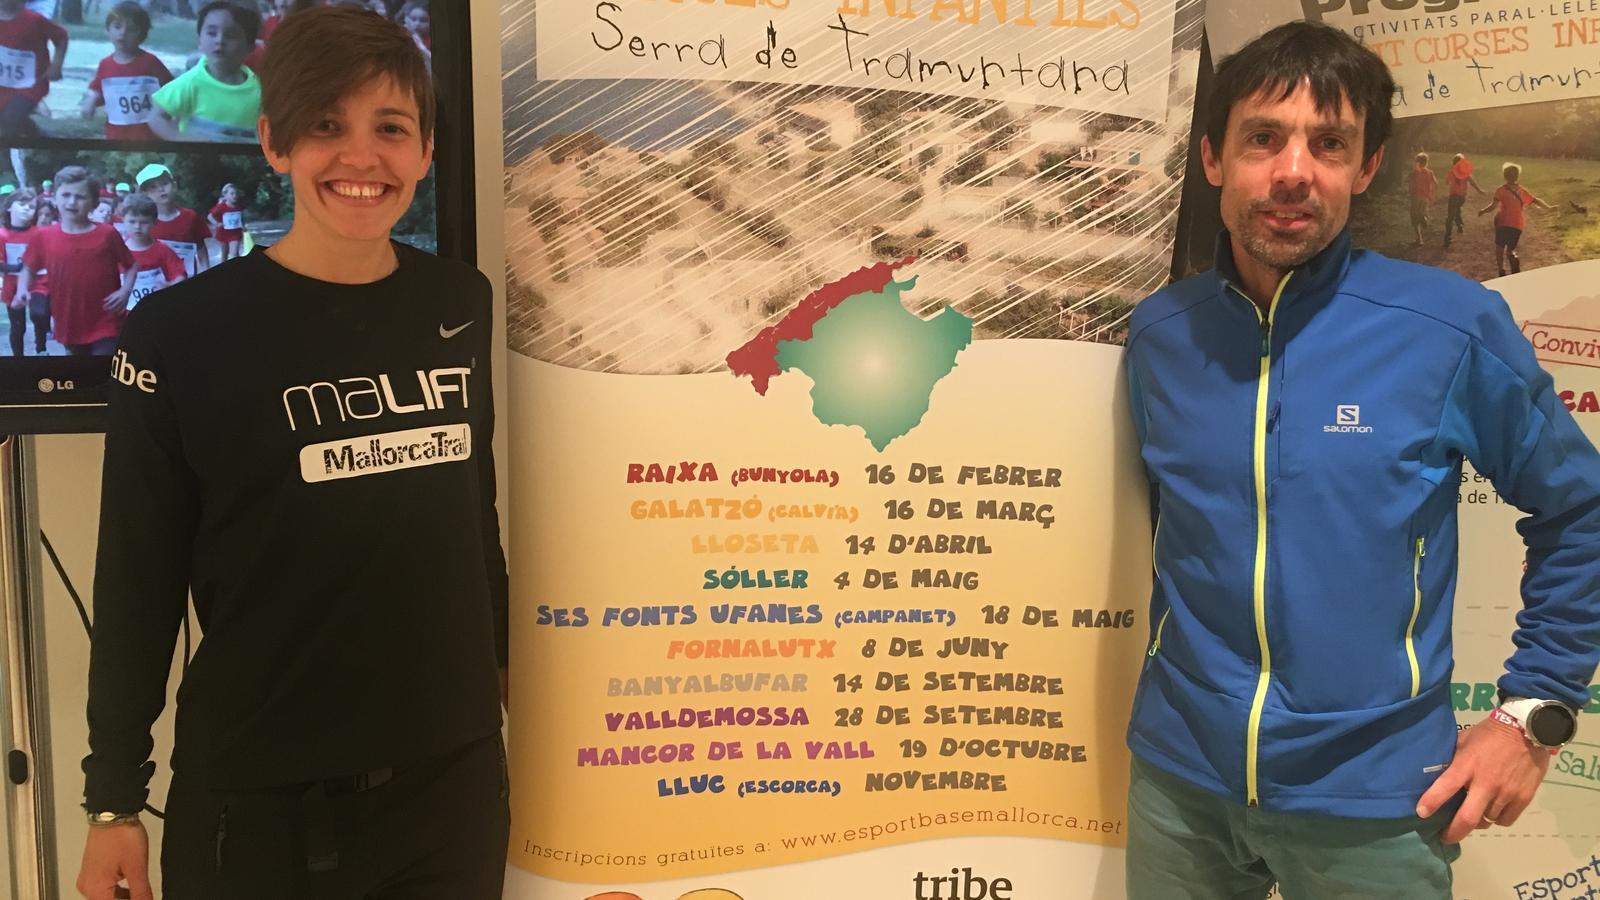 Tòfol Castanyer i Bel Calero promocionen les Curses Infantils Serra de Tramuntana